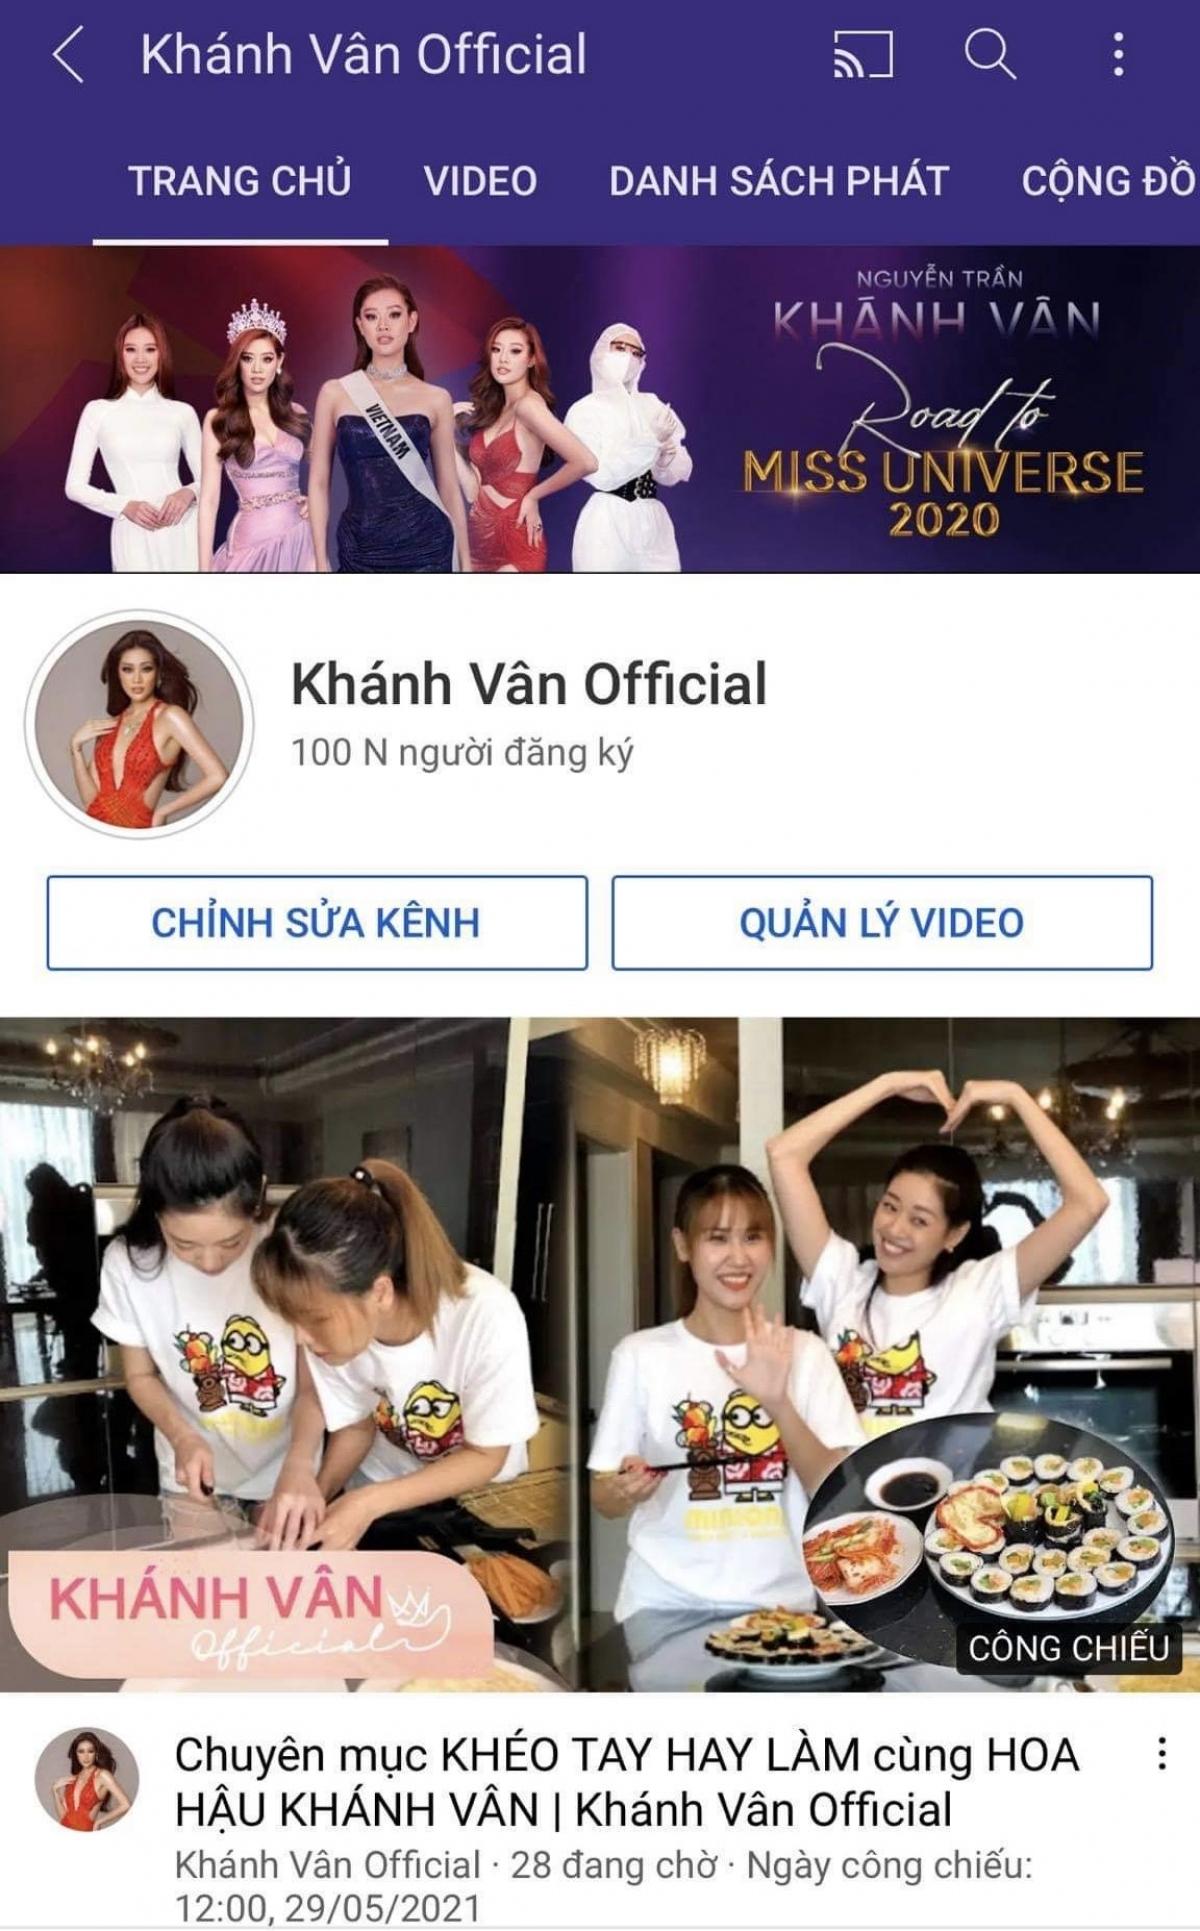 Mới đây, để chúc mừng kênh Youtube của mình đạt nút Bạc 100.000 người theo dõi, Hoa hậu Khánh Vân gửi tặng khán giả bộ ảnh đặc biệt nhằm đánh dấu sự kiện ý nghĩa này.